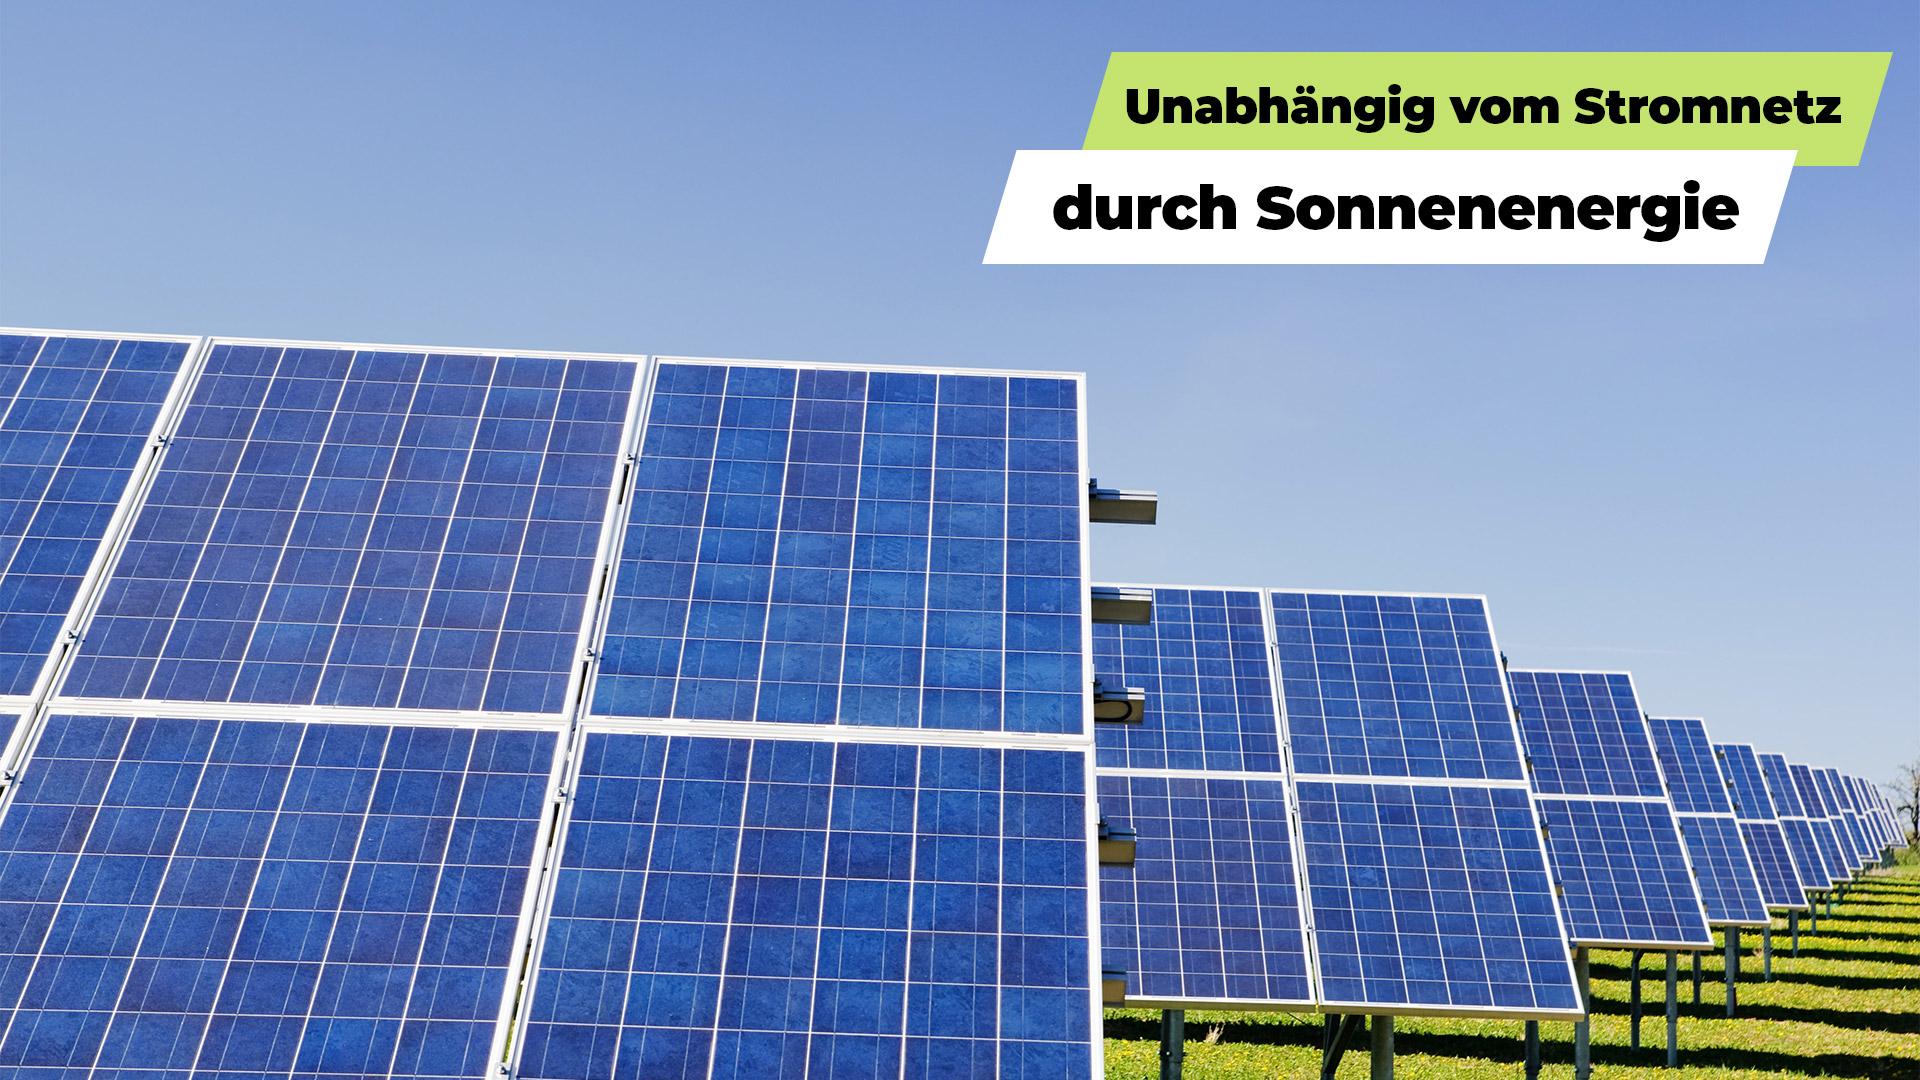 Unabhängig vom Stromnetz durch Solasrthermiea